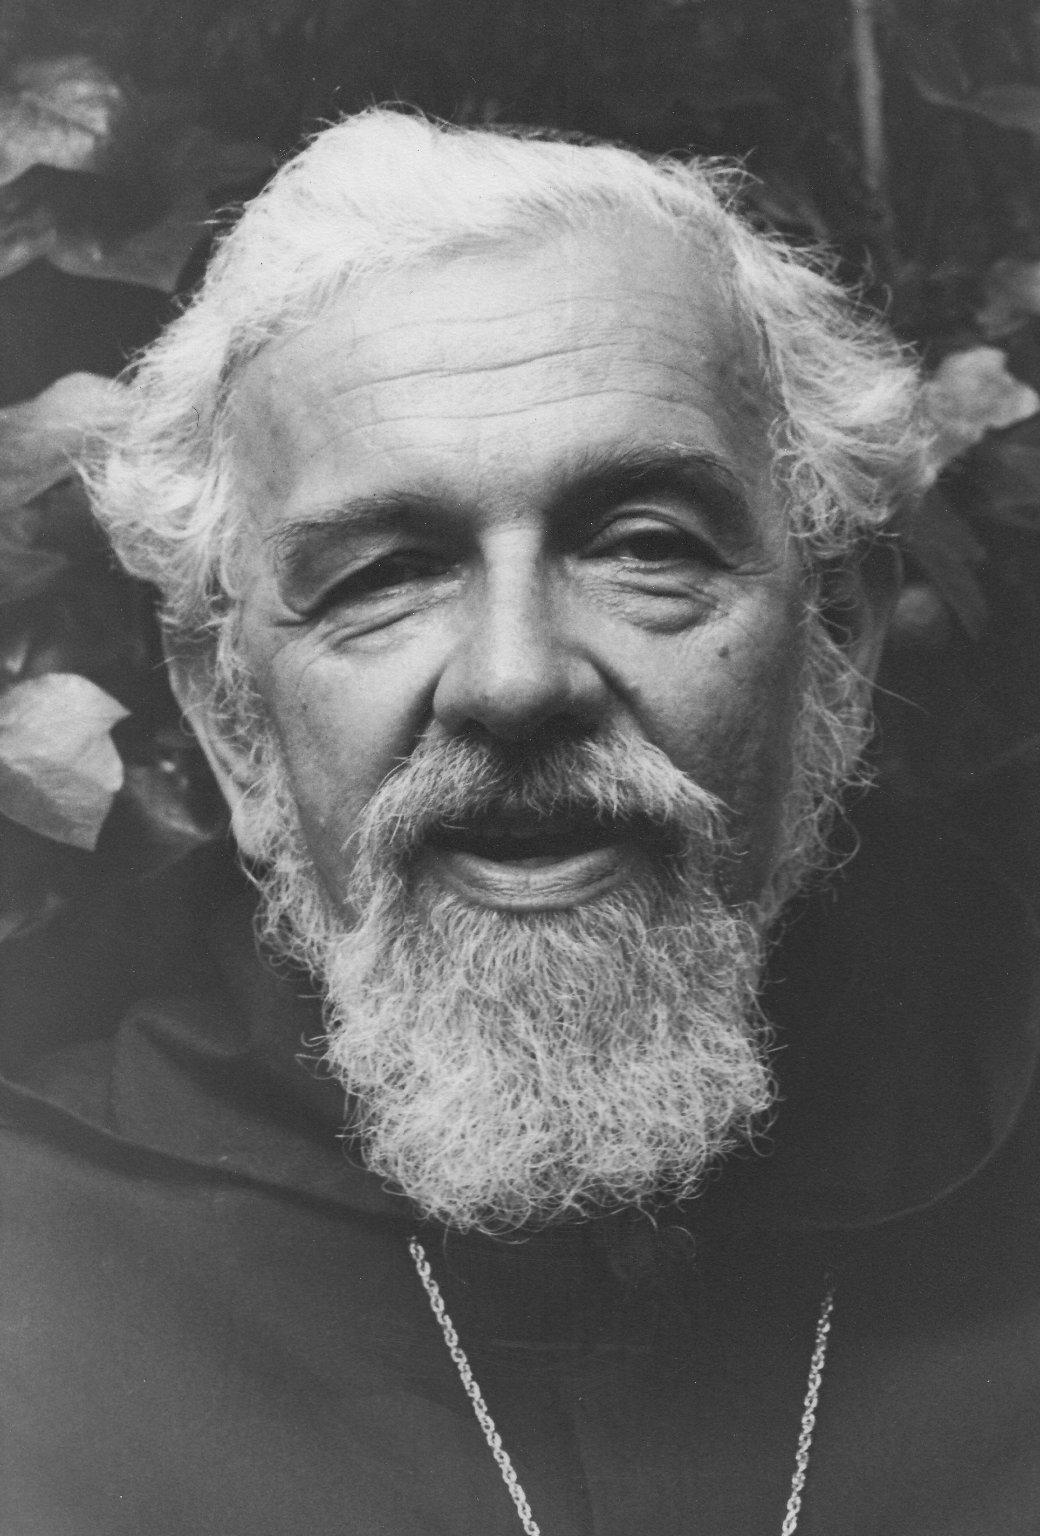 Rabbi Zalman Schachter-Shalomi in black robe, ca. 1980s.